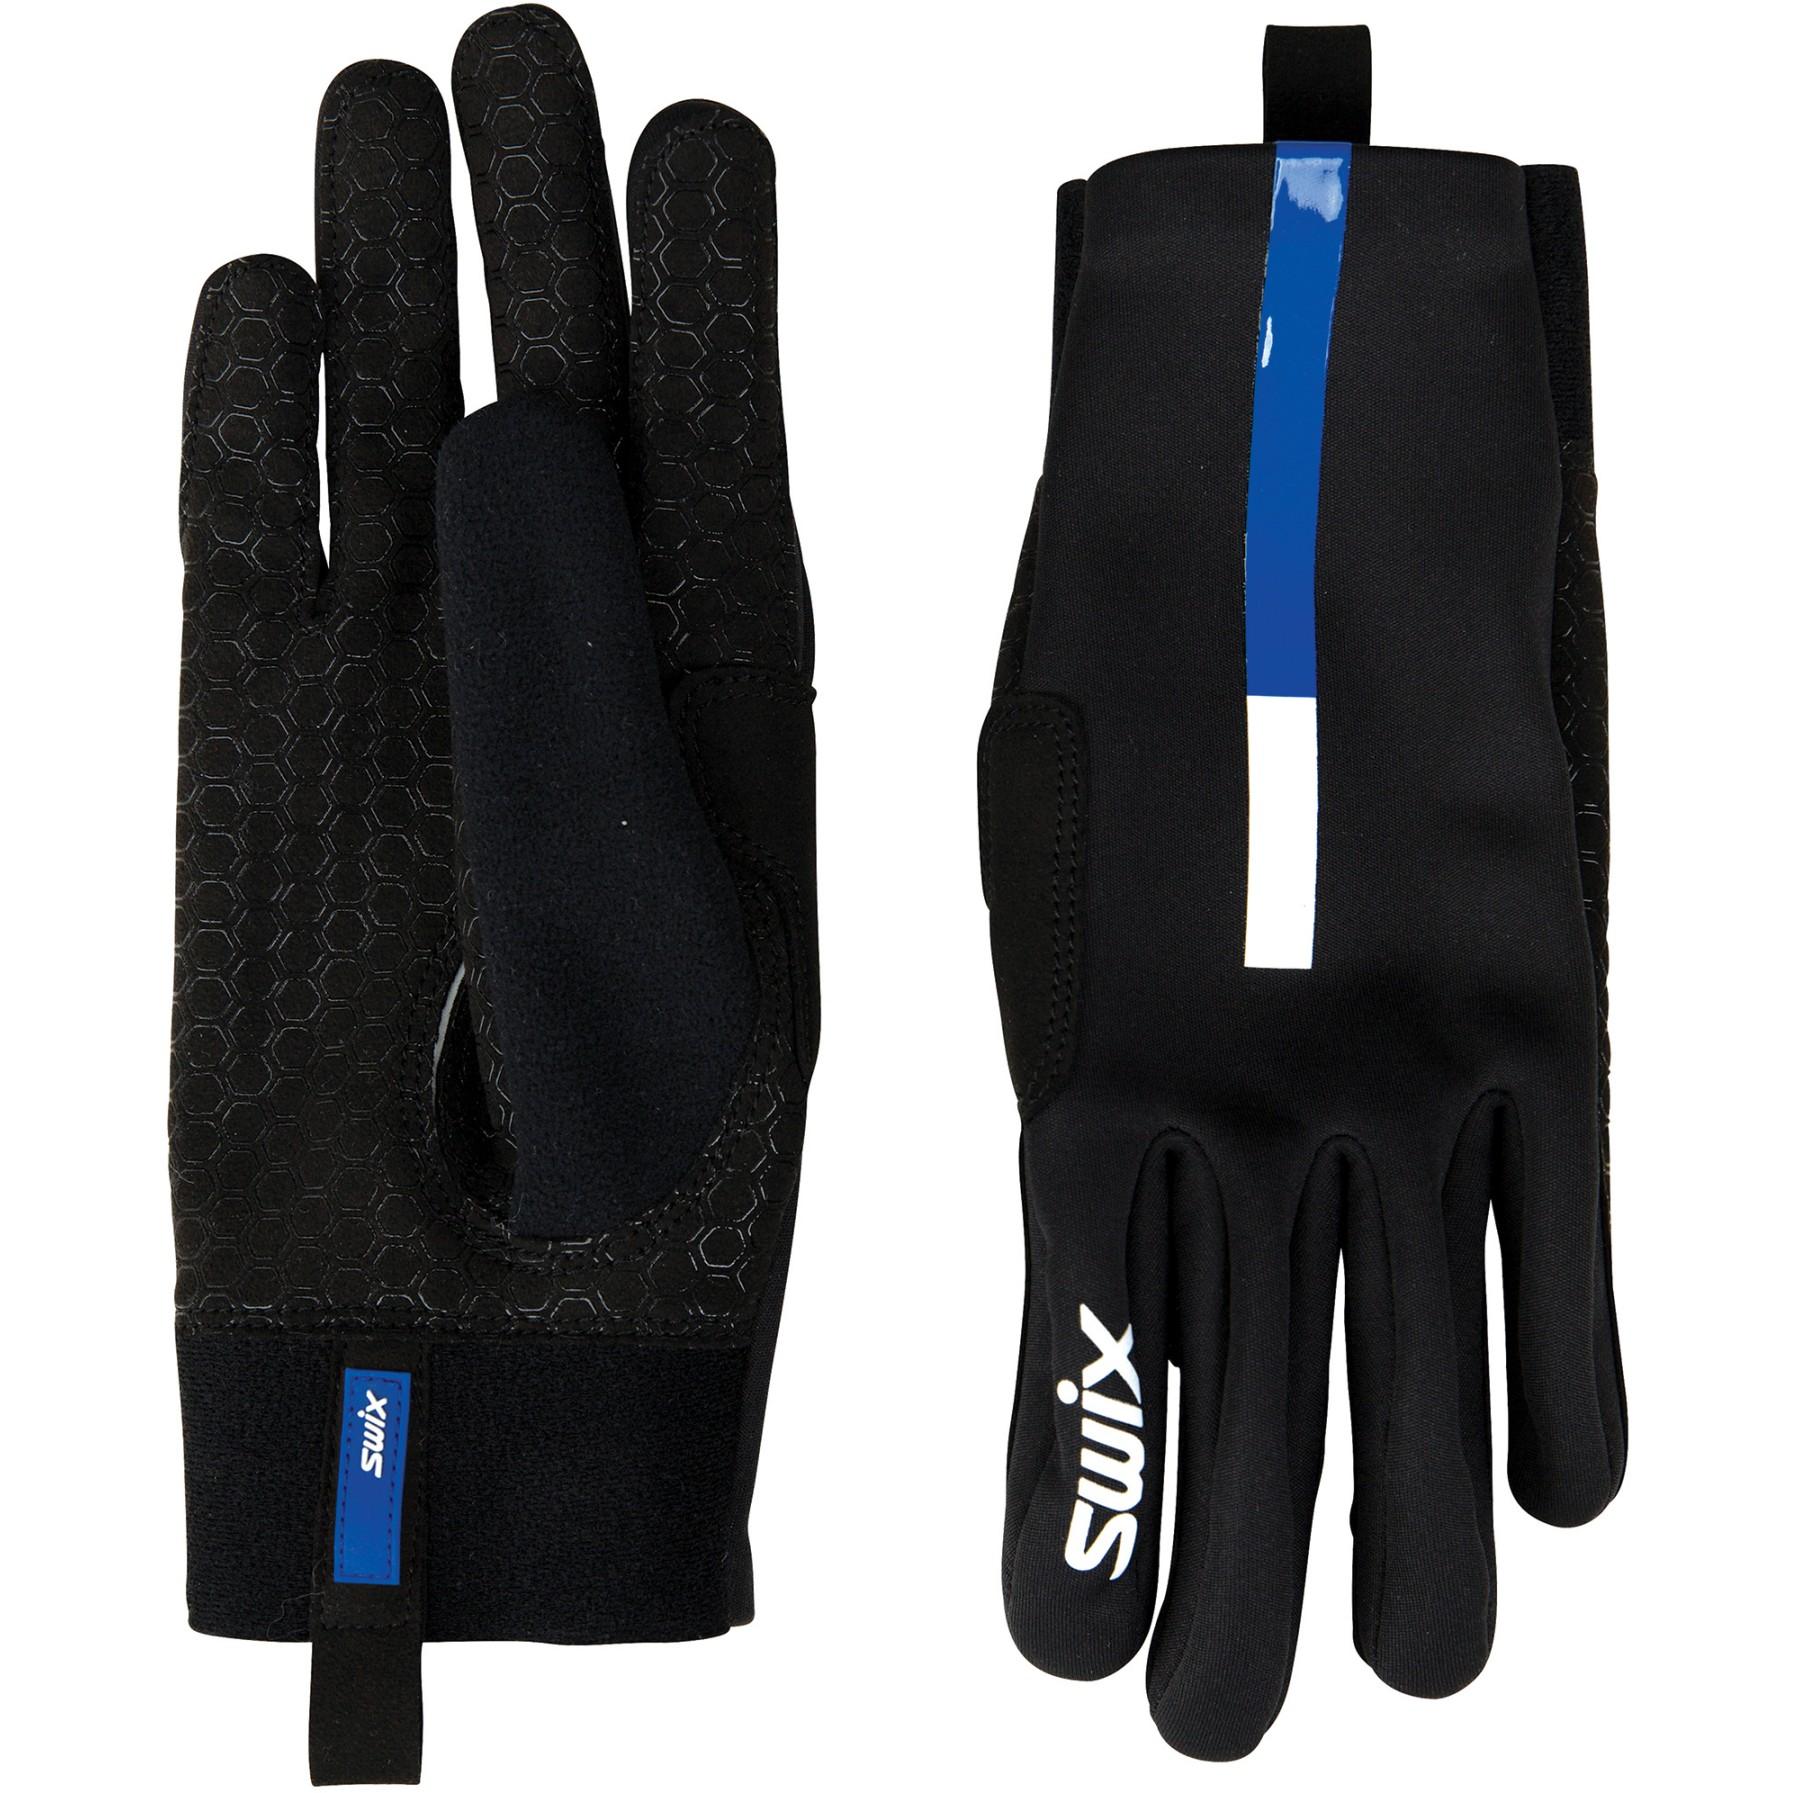 Picture of Swix Triac Gore-Tex Infinium Gloves - Black